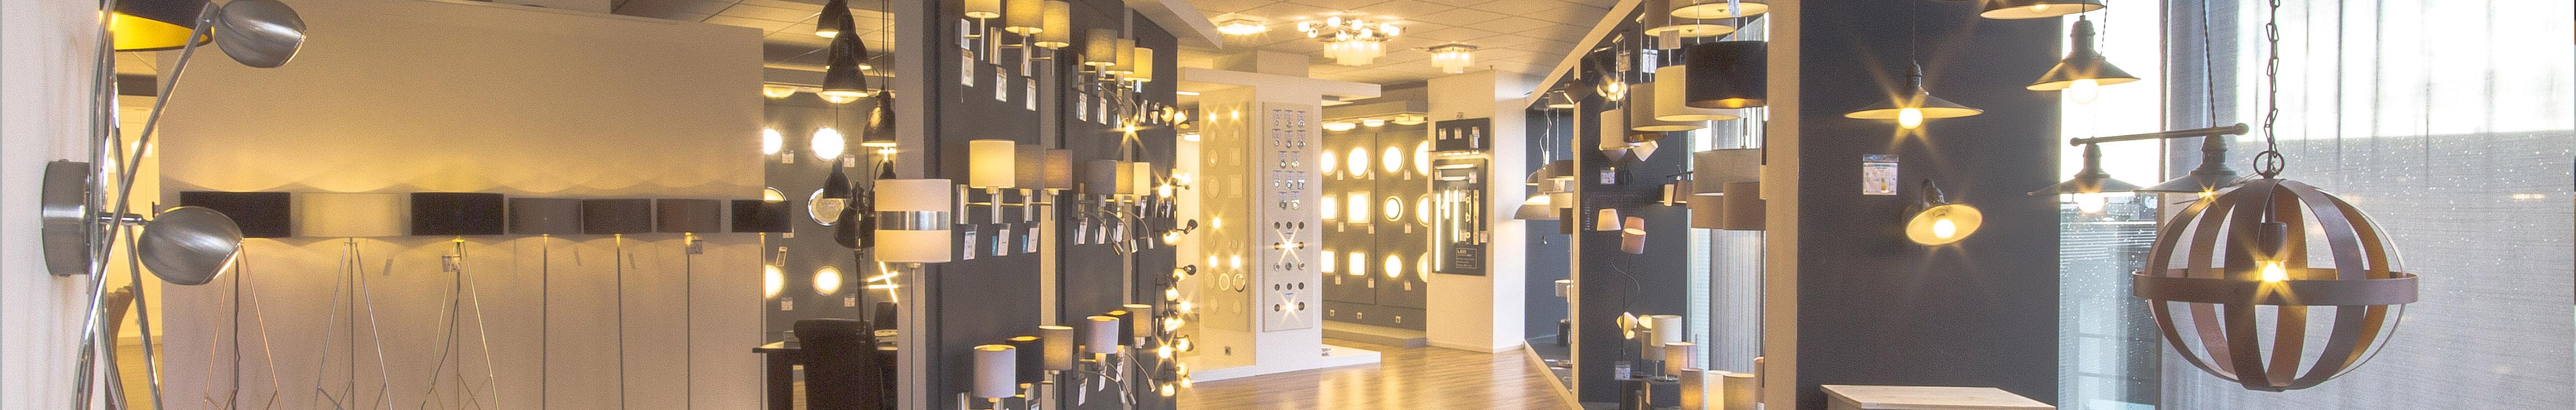 Vacatures | EGLO showroom Oosterhout